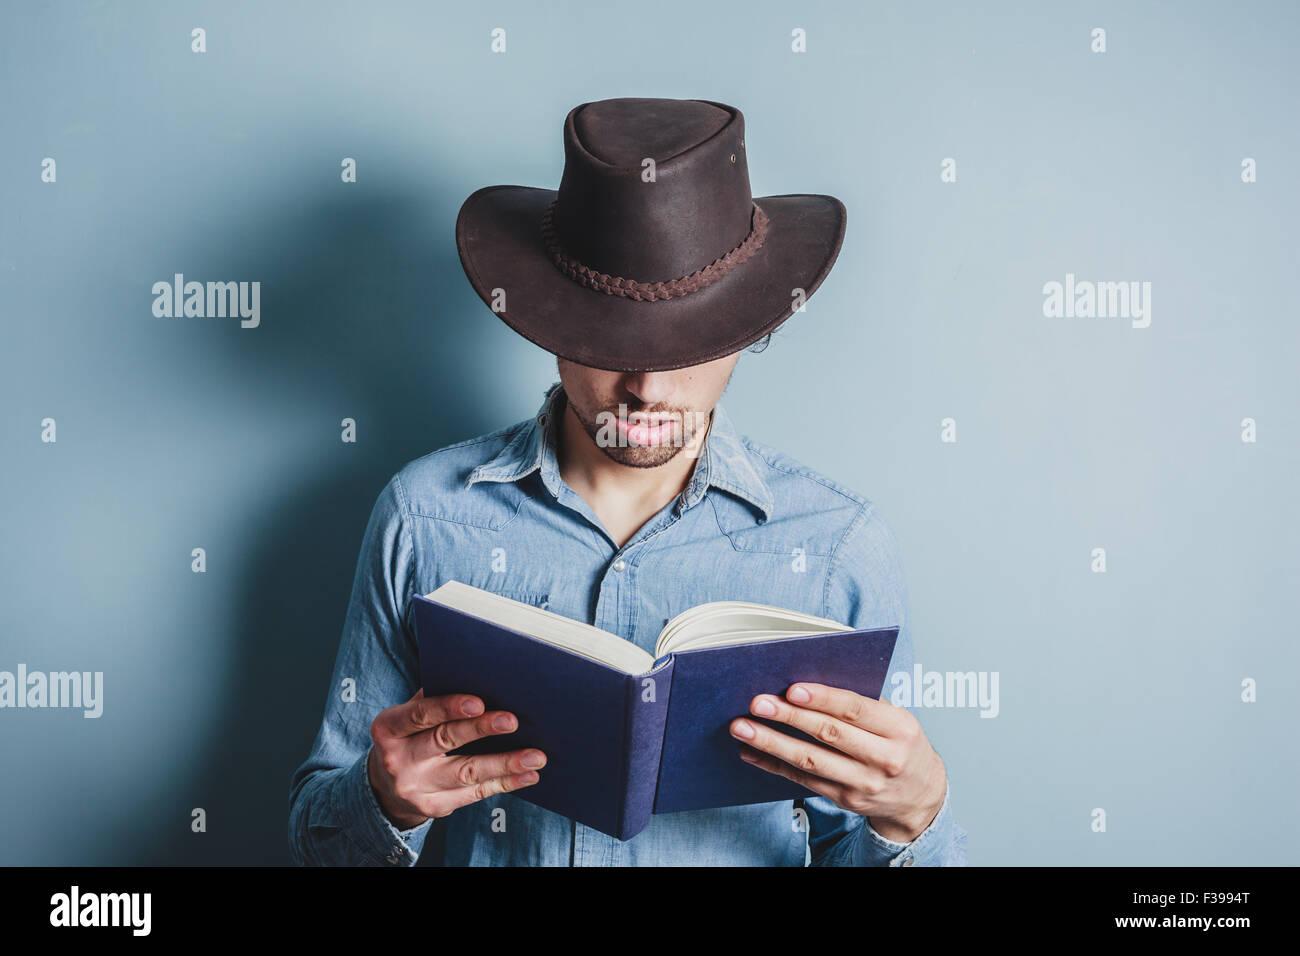 vaquero-joven-esta-leyendo-un-libro-f399